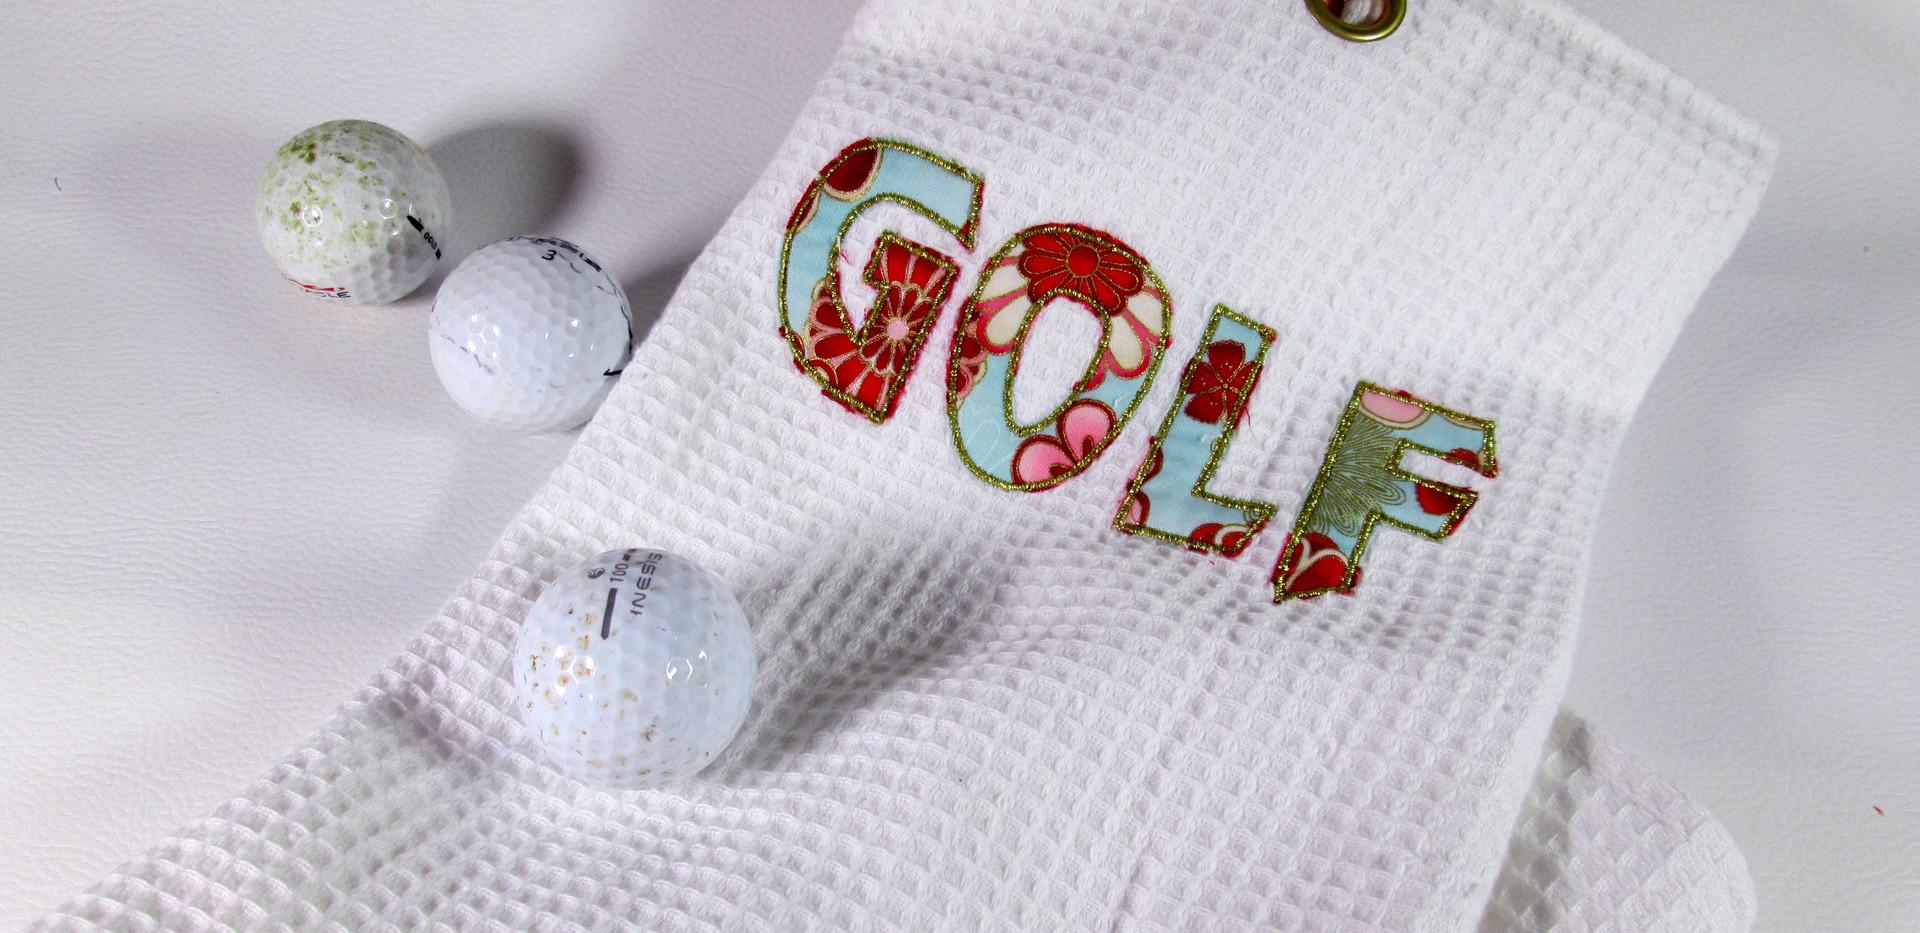 serviettes de golf 013 co.jpg